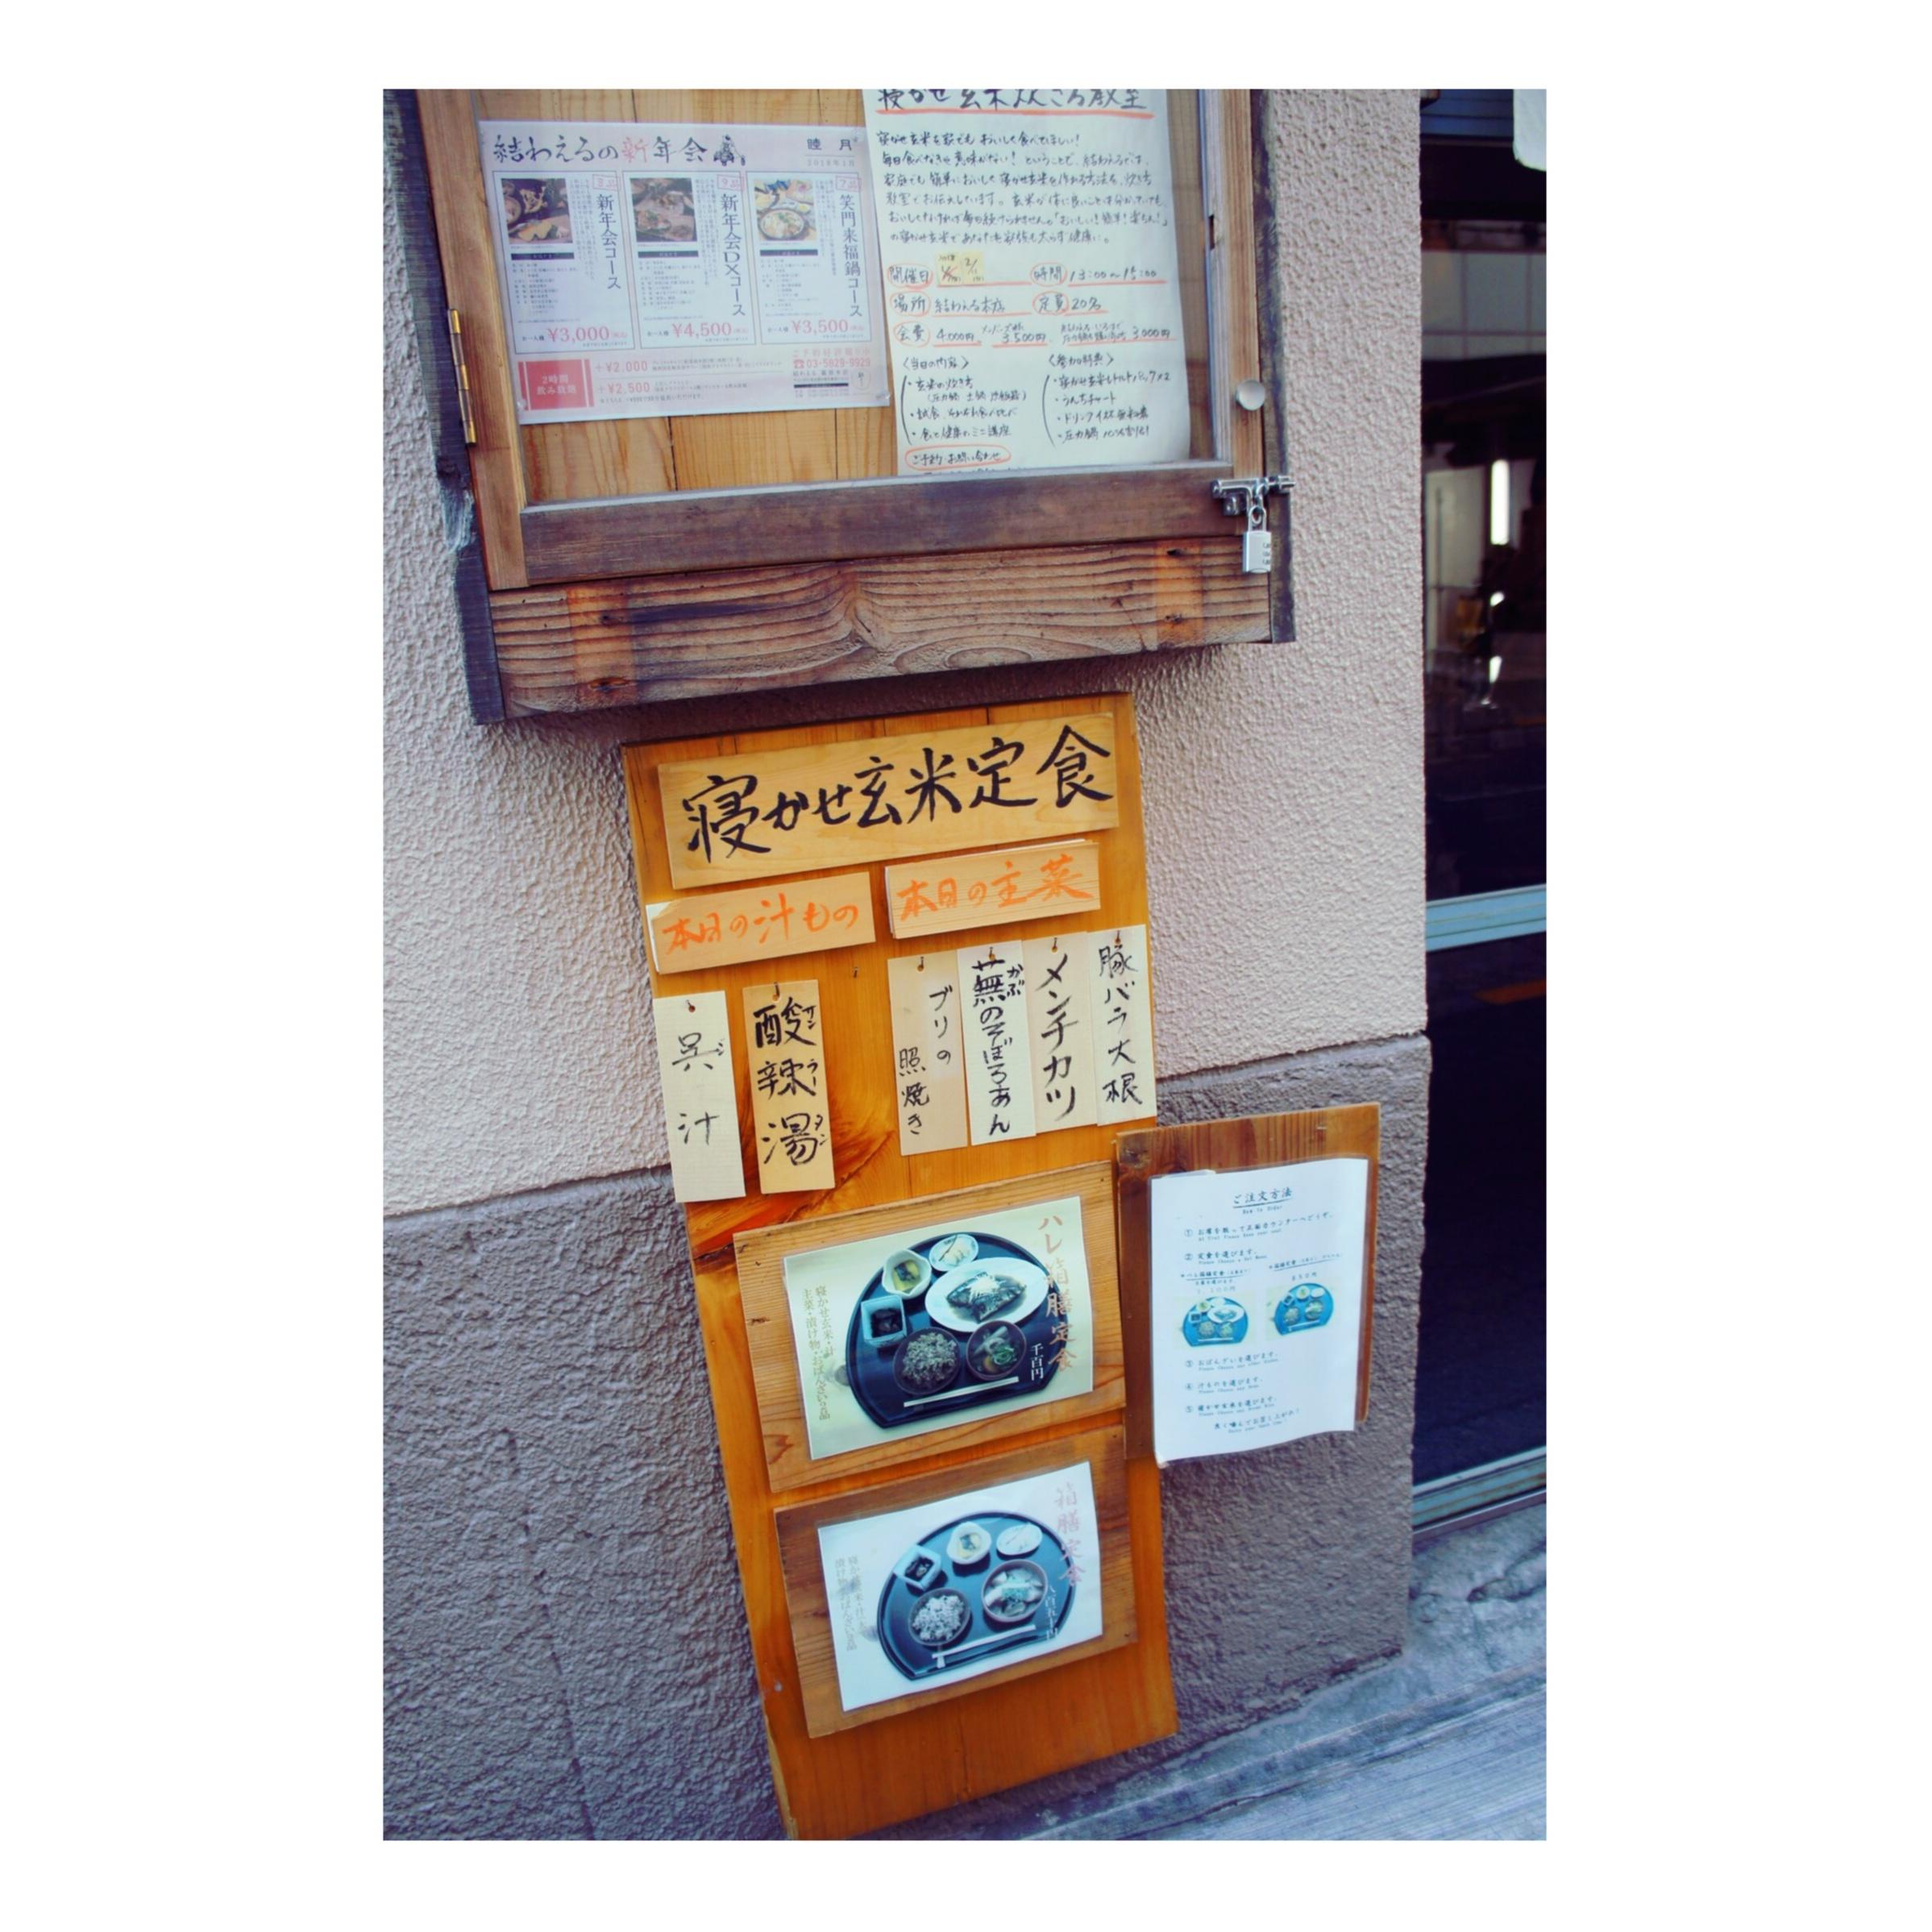 《ご当地MORE★東京》おかずや汁物の組み合わせ自由!【蔵前】の〝結わえる本店〟の寝かせ玄米定食ランチでパワーチャージ❤️_2